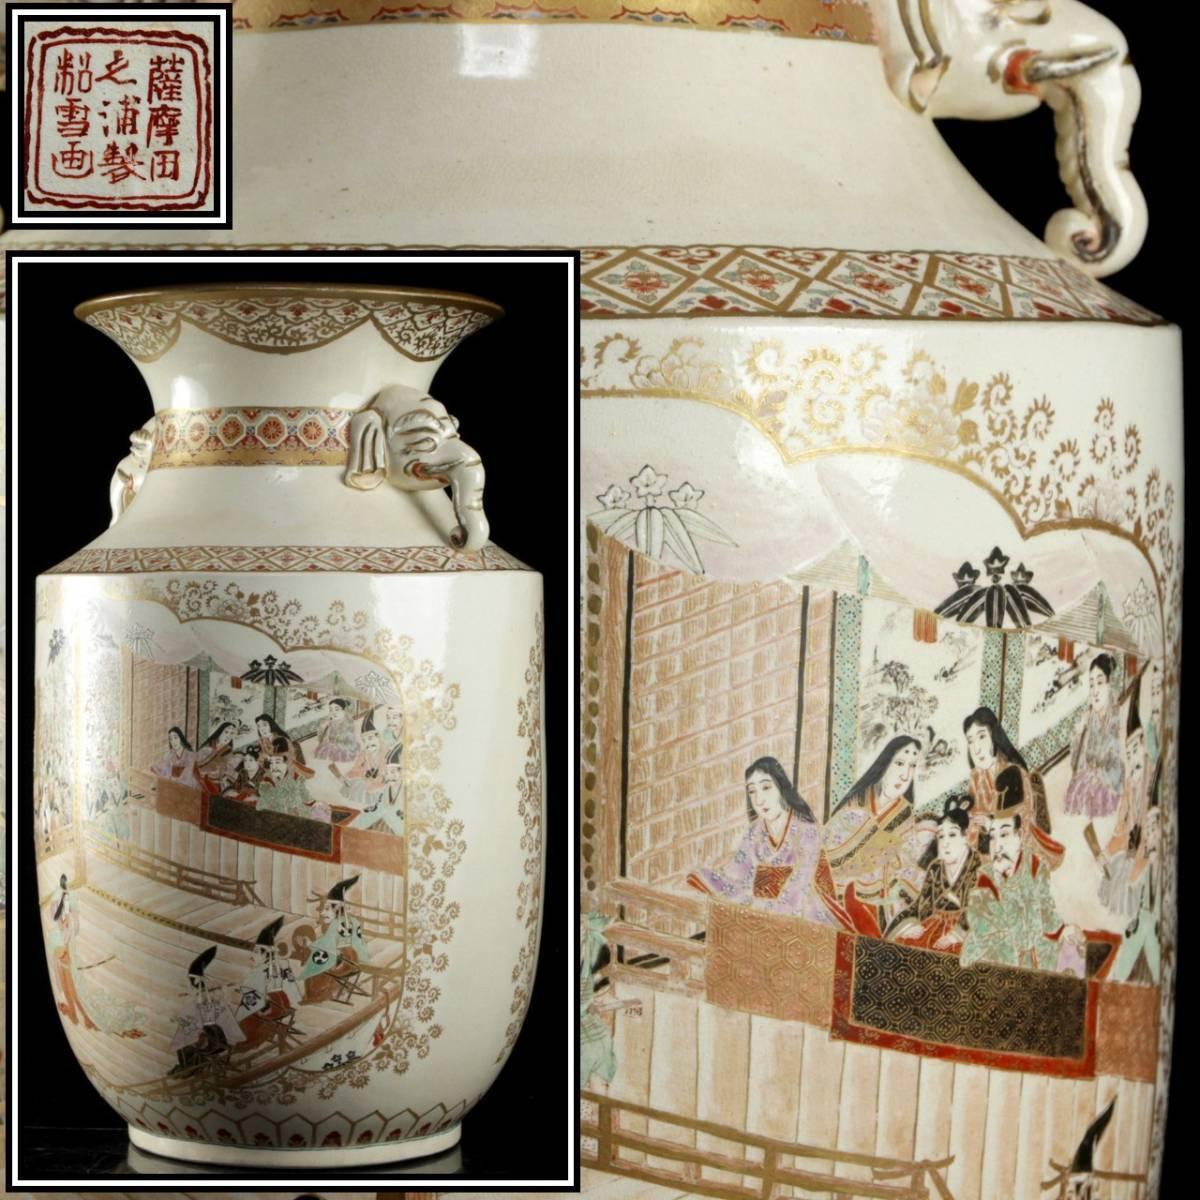 ◆舩◆ 古美術品 薩摩田之浦製 粘雪画 白薩摩焼 象耳人物図金彩花瓶 54cm 箱付 唐物骨董 [Y208]Wd/7TB/(160)